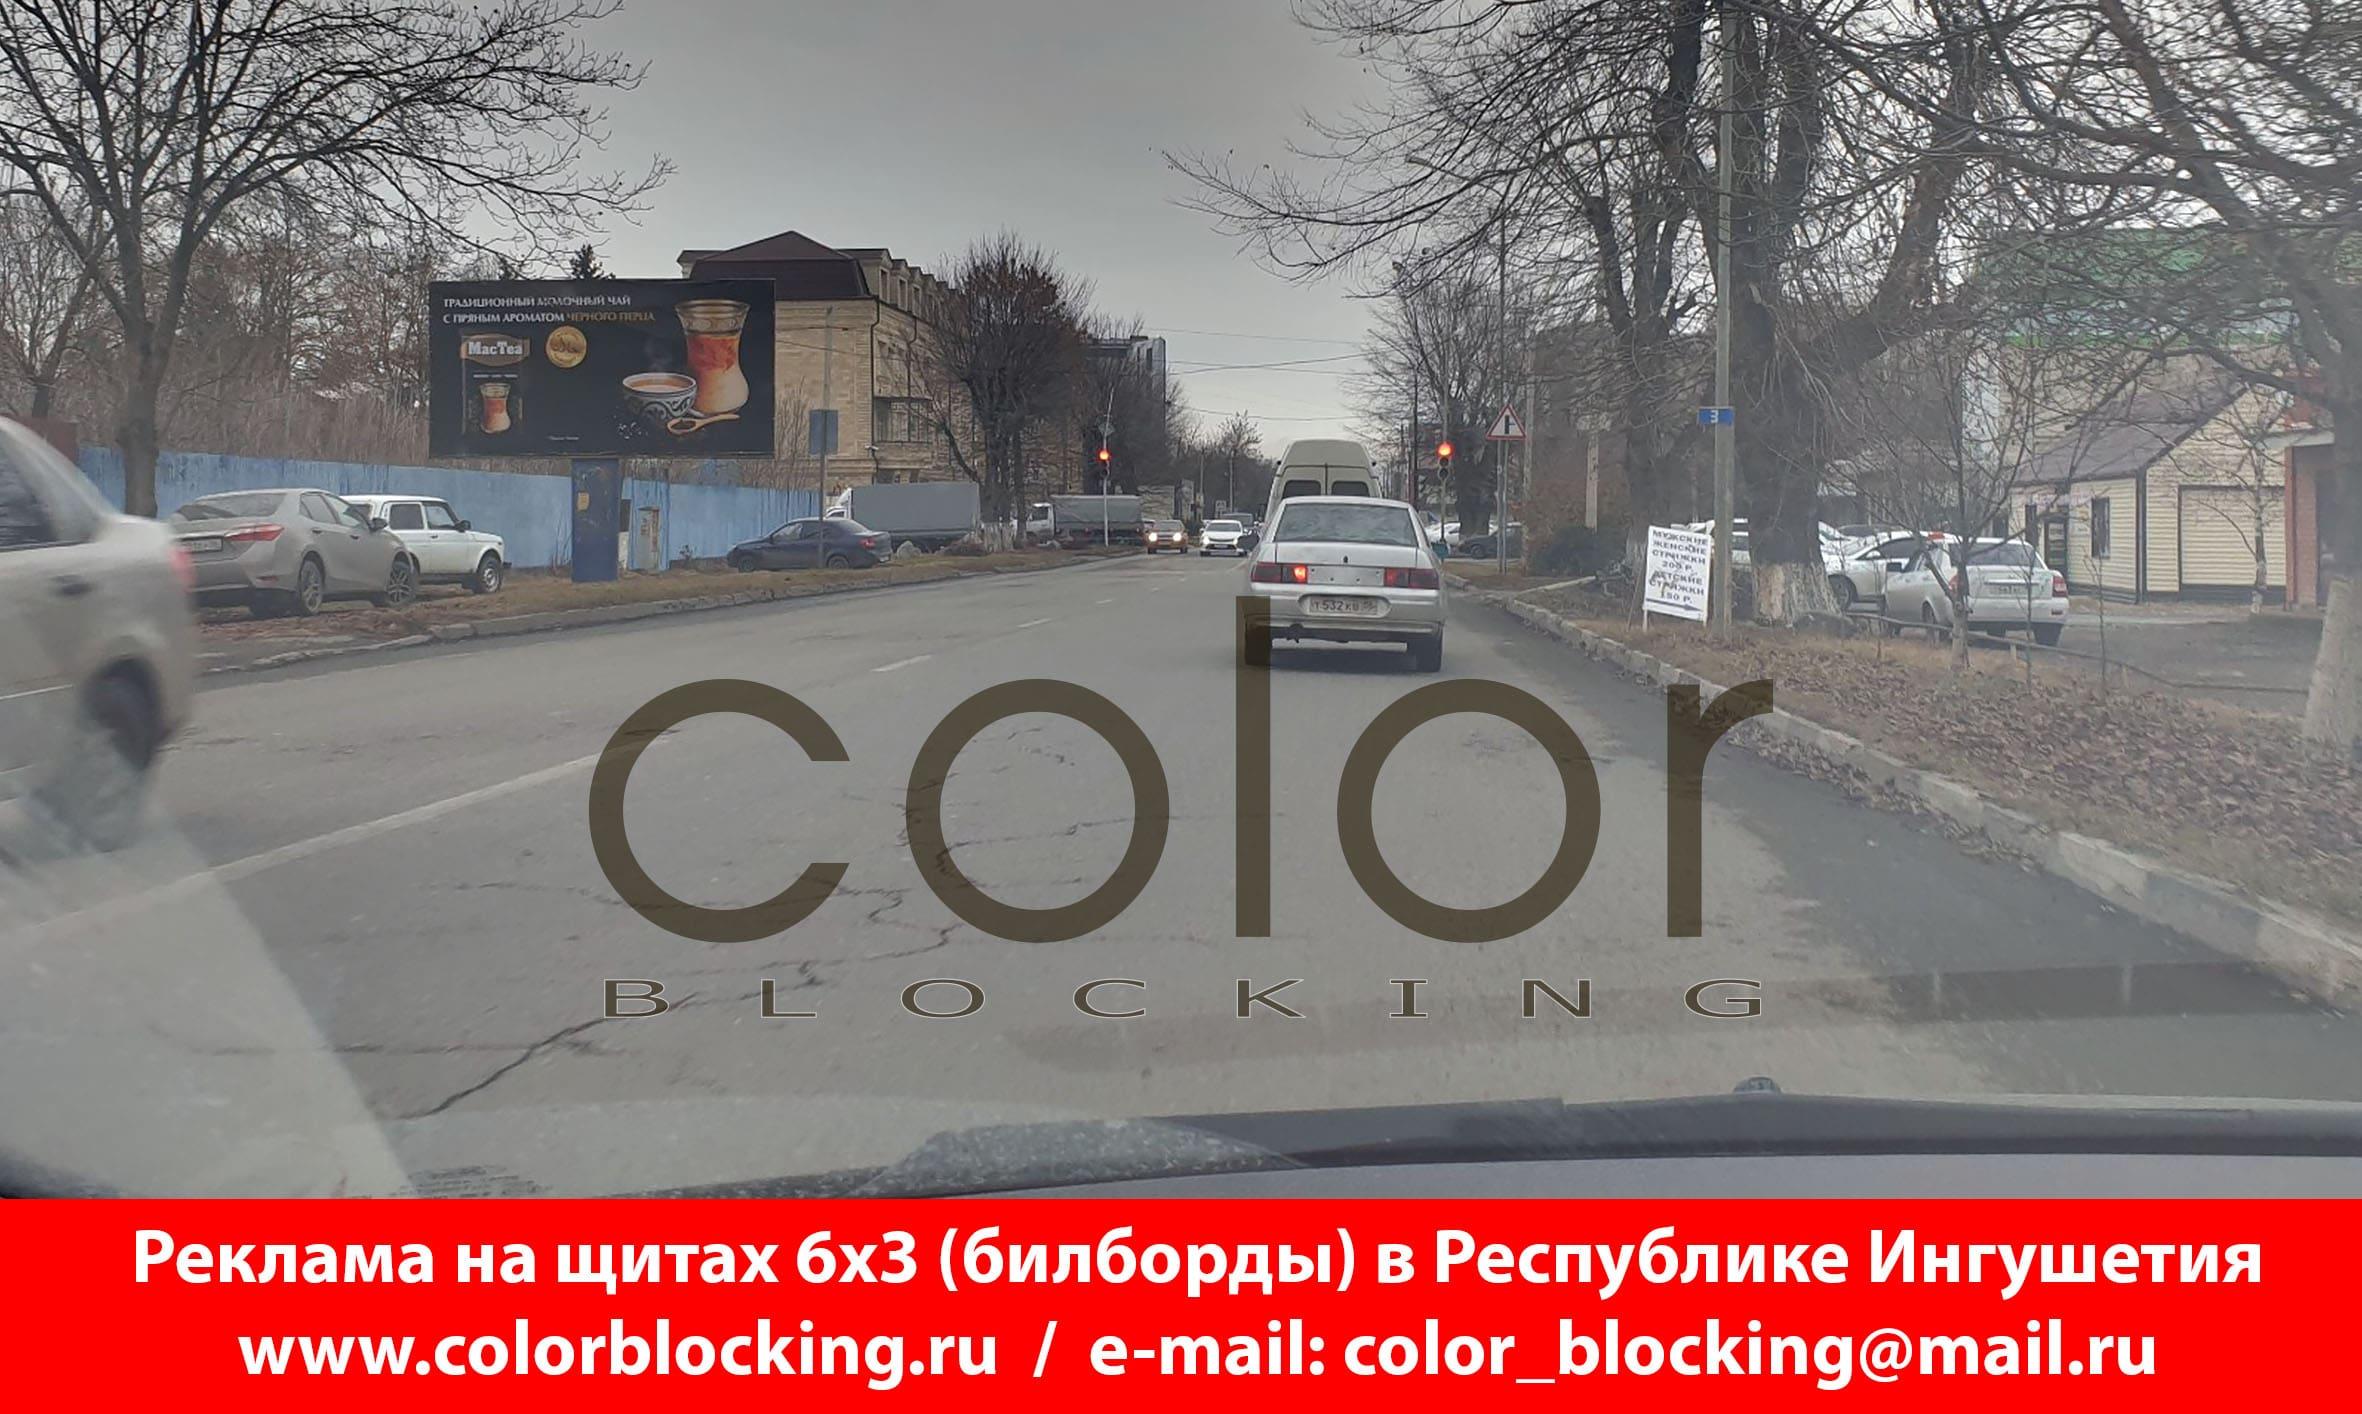 Реклама в Ингушетии на щитах 6х3 аренда